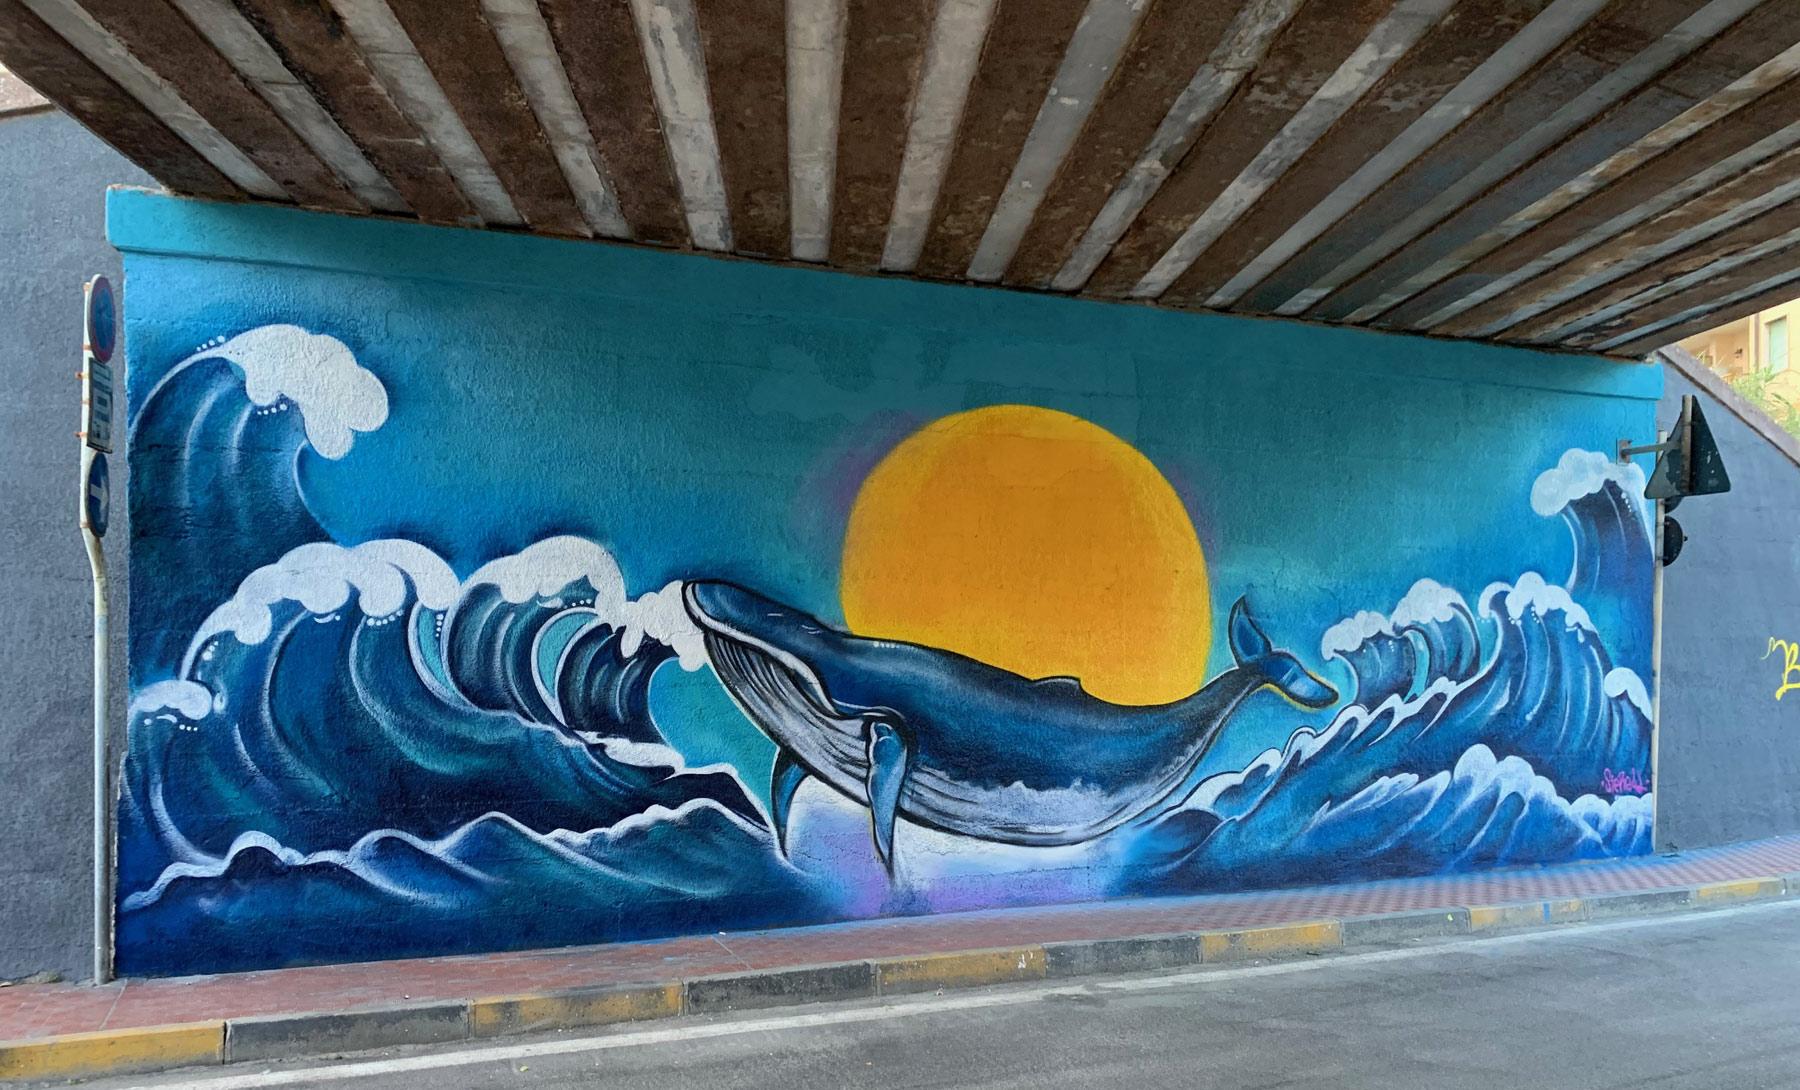 Liguria, il borgo di Vallecrosia rinasce grazie alla street art: via al progetto di riqualificazione